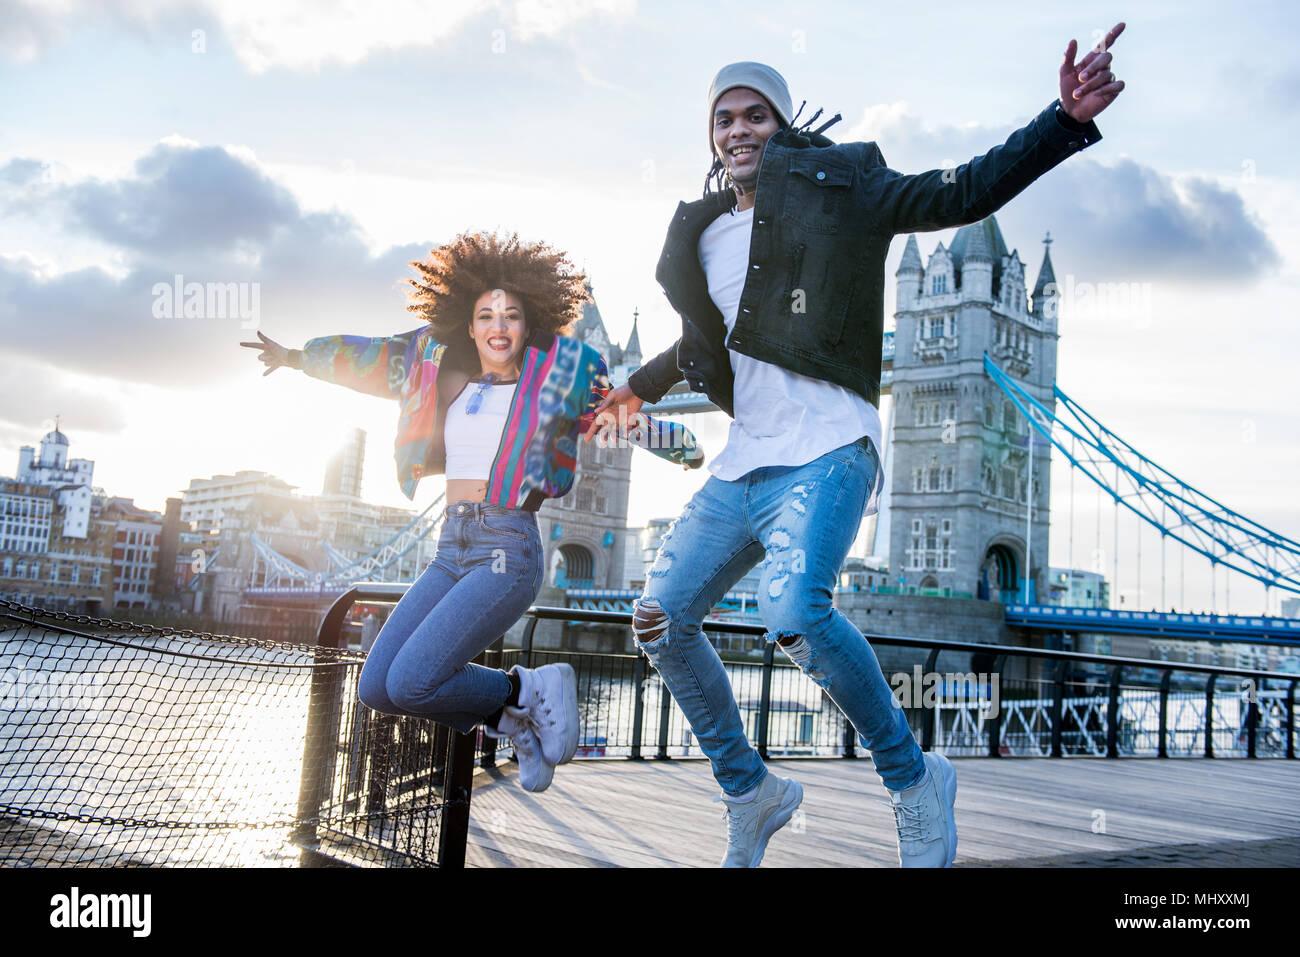 Coppia giovane all'aperto, salti di gioia, Tower Bridge in background, London, England, Regno Unito Immagini Stock